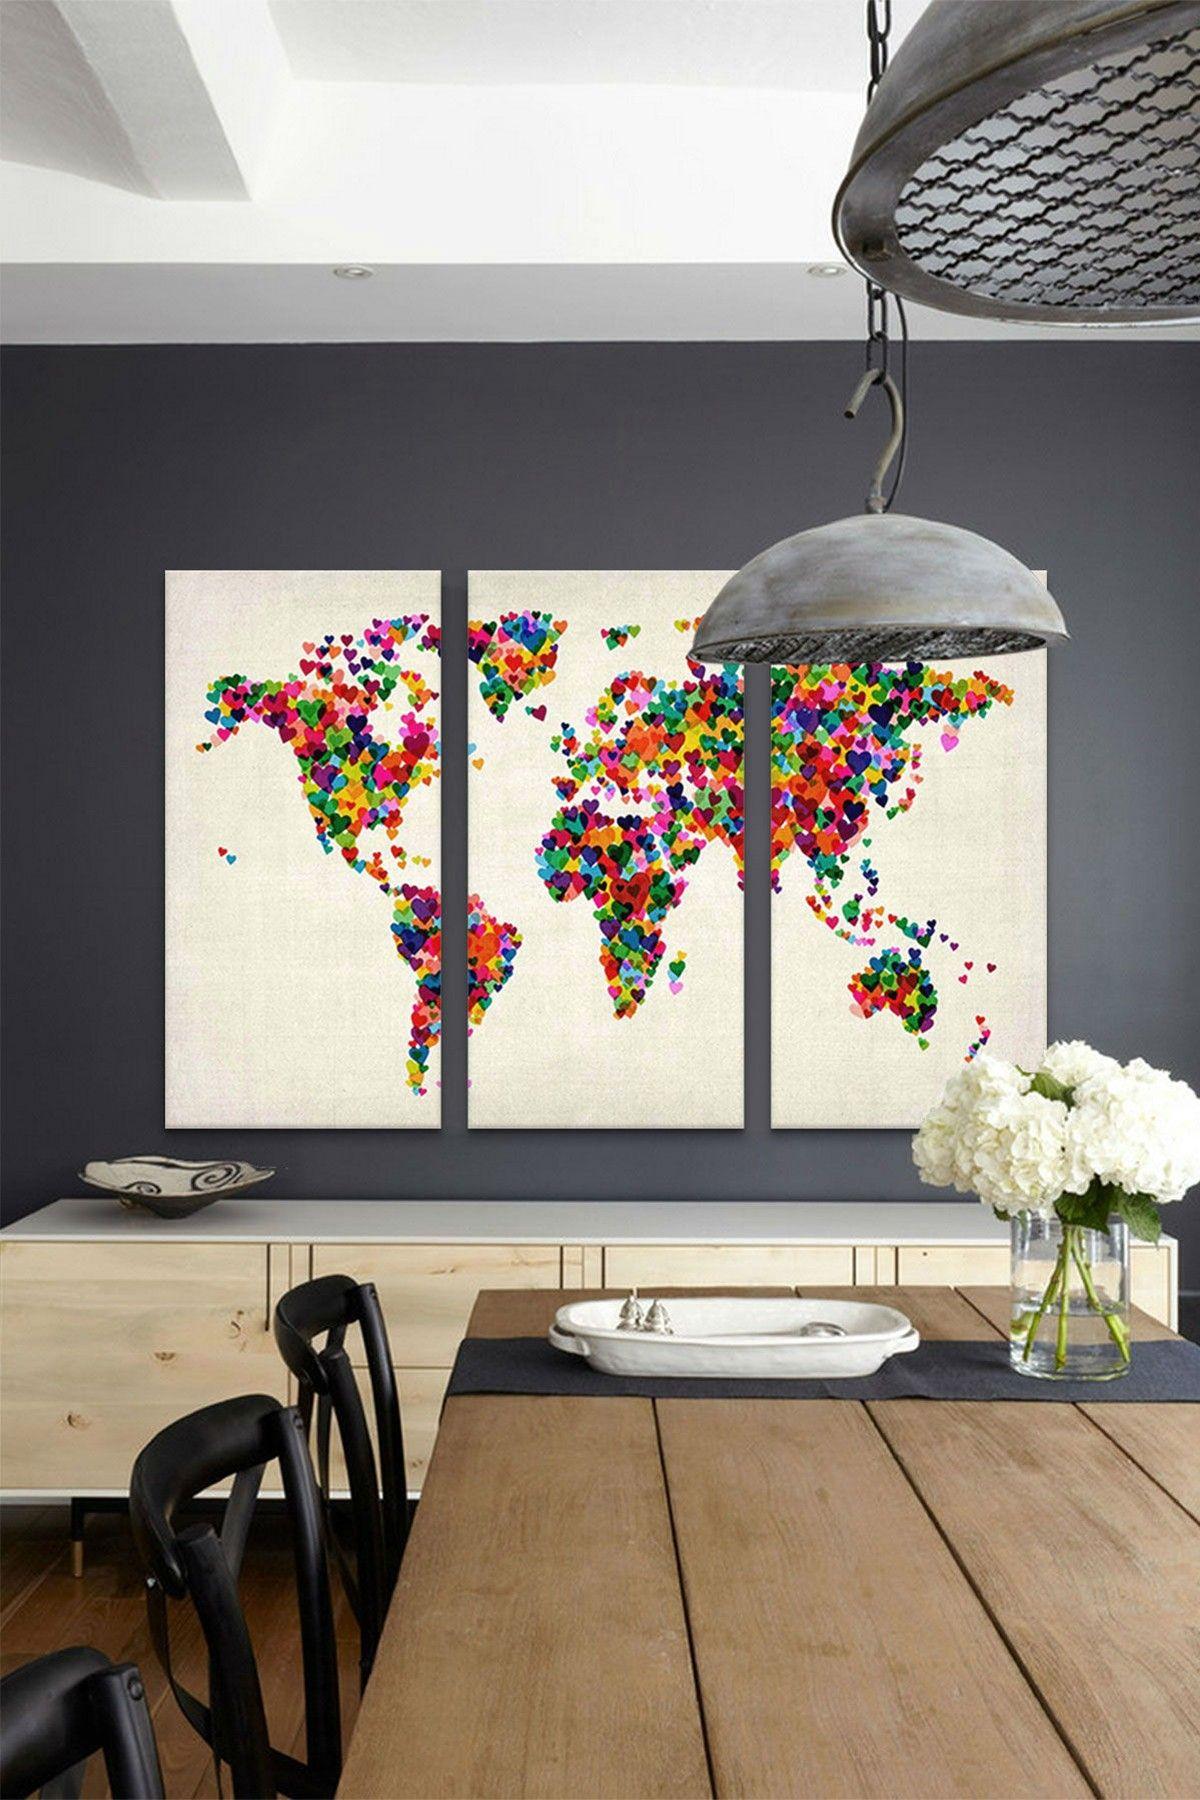 World Map Hearts II 3 Panel Sectional Wall Art HauteLook